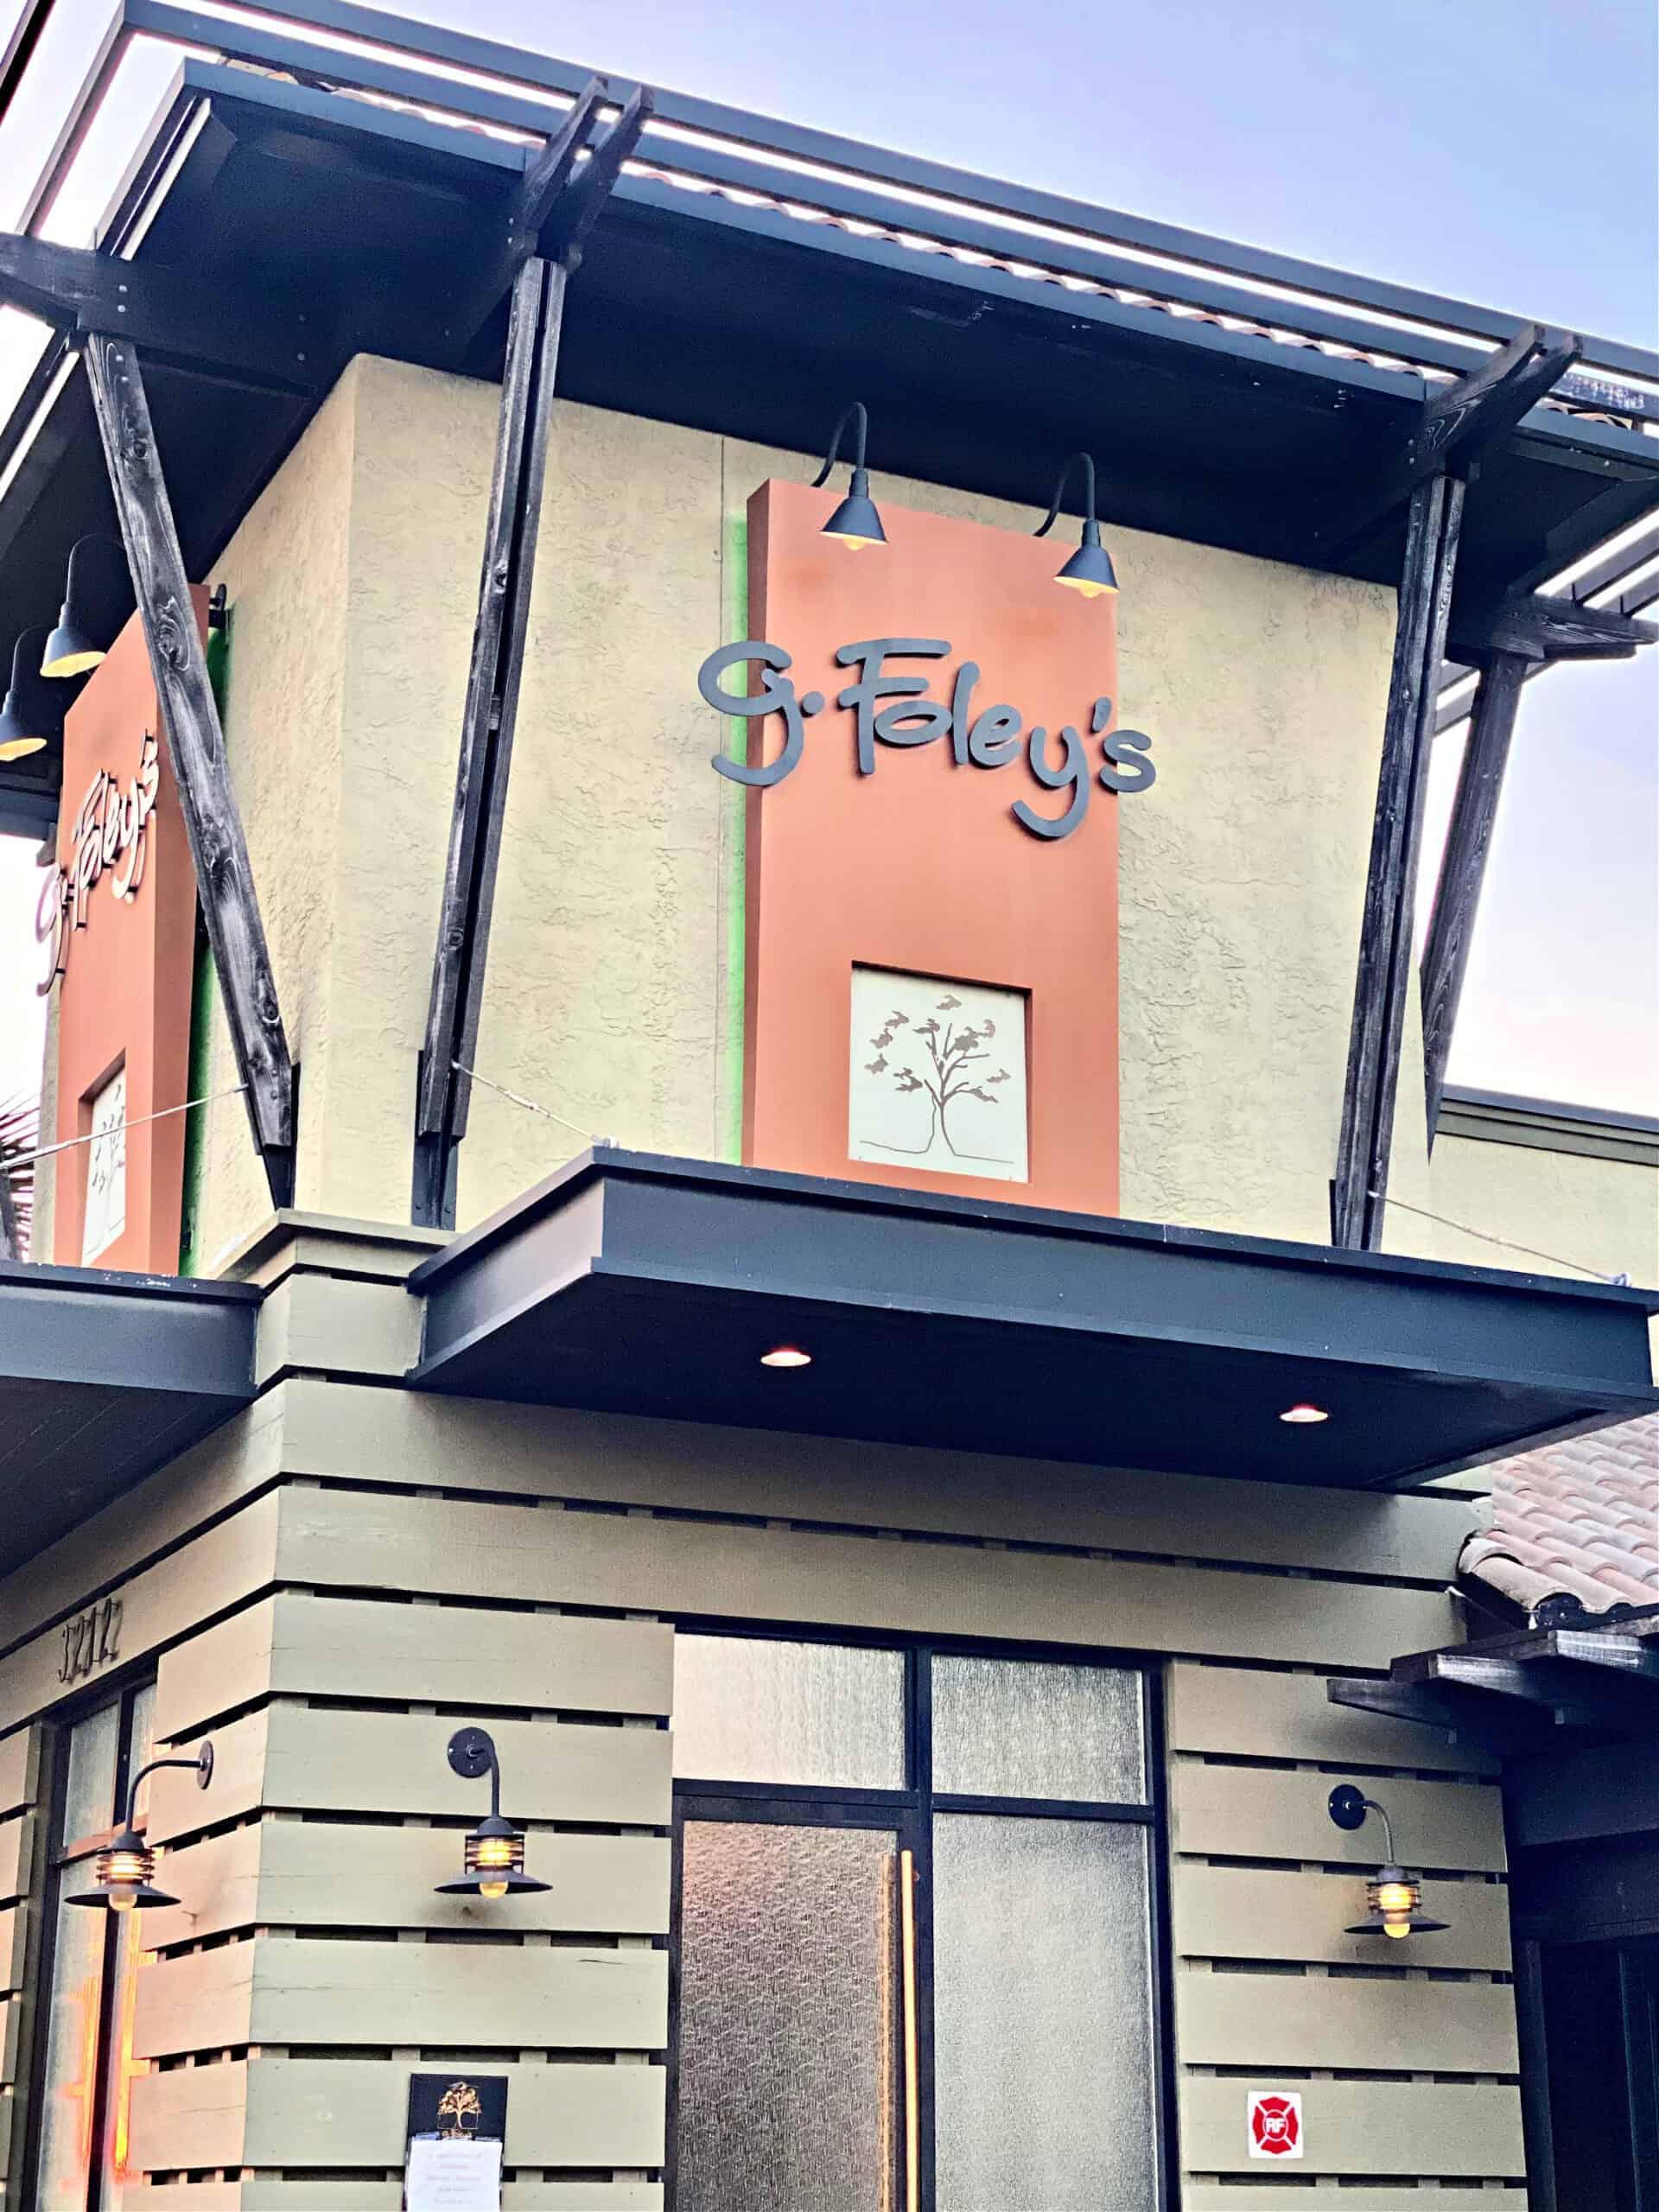 g. Foley's sign